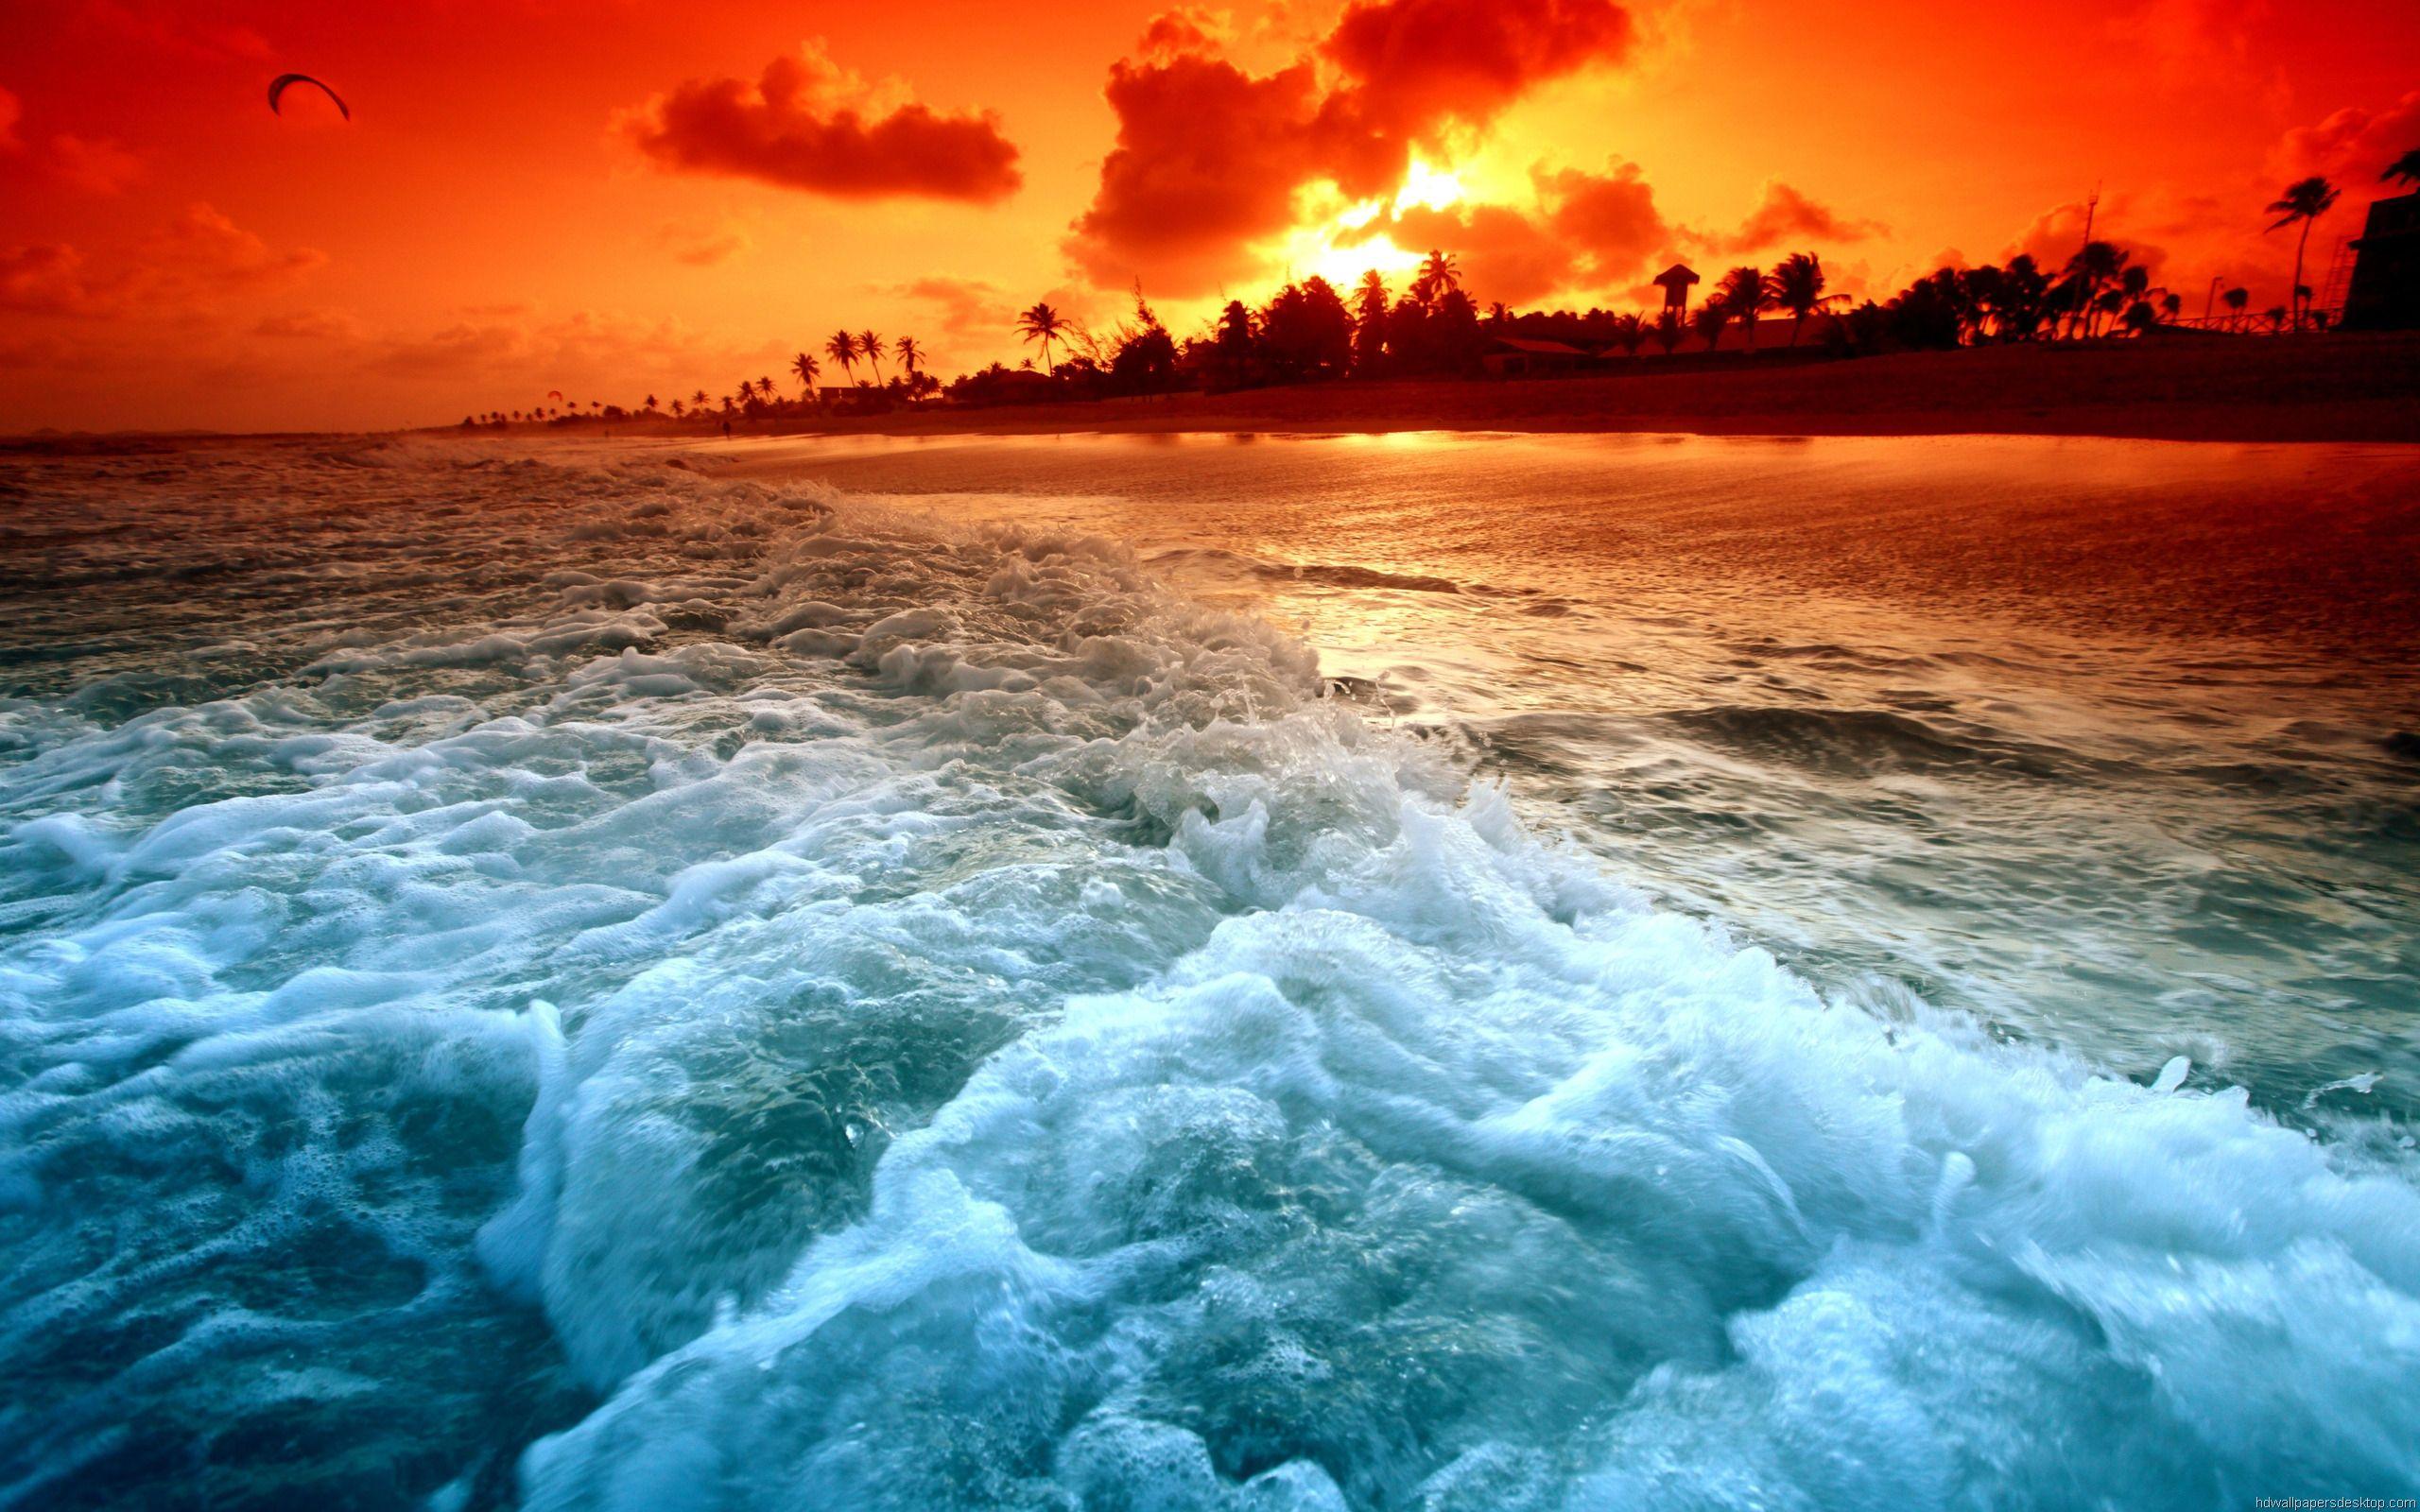 High Resolution Wallpapers 2560x1600 Beach Sunset Wallpaper Sunset Wallpaper Ocean Sunset